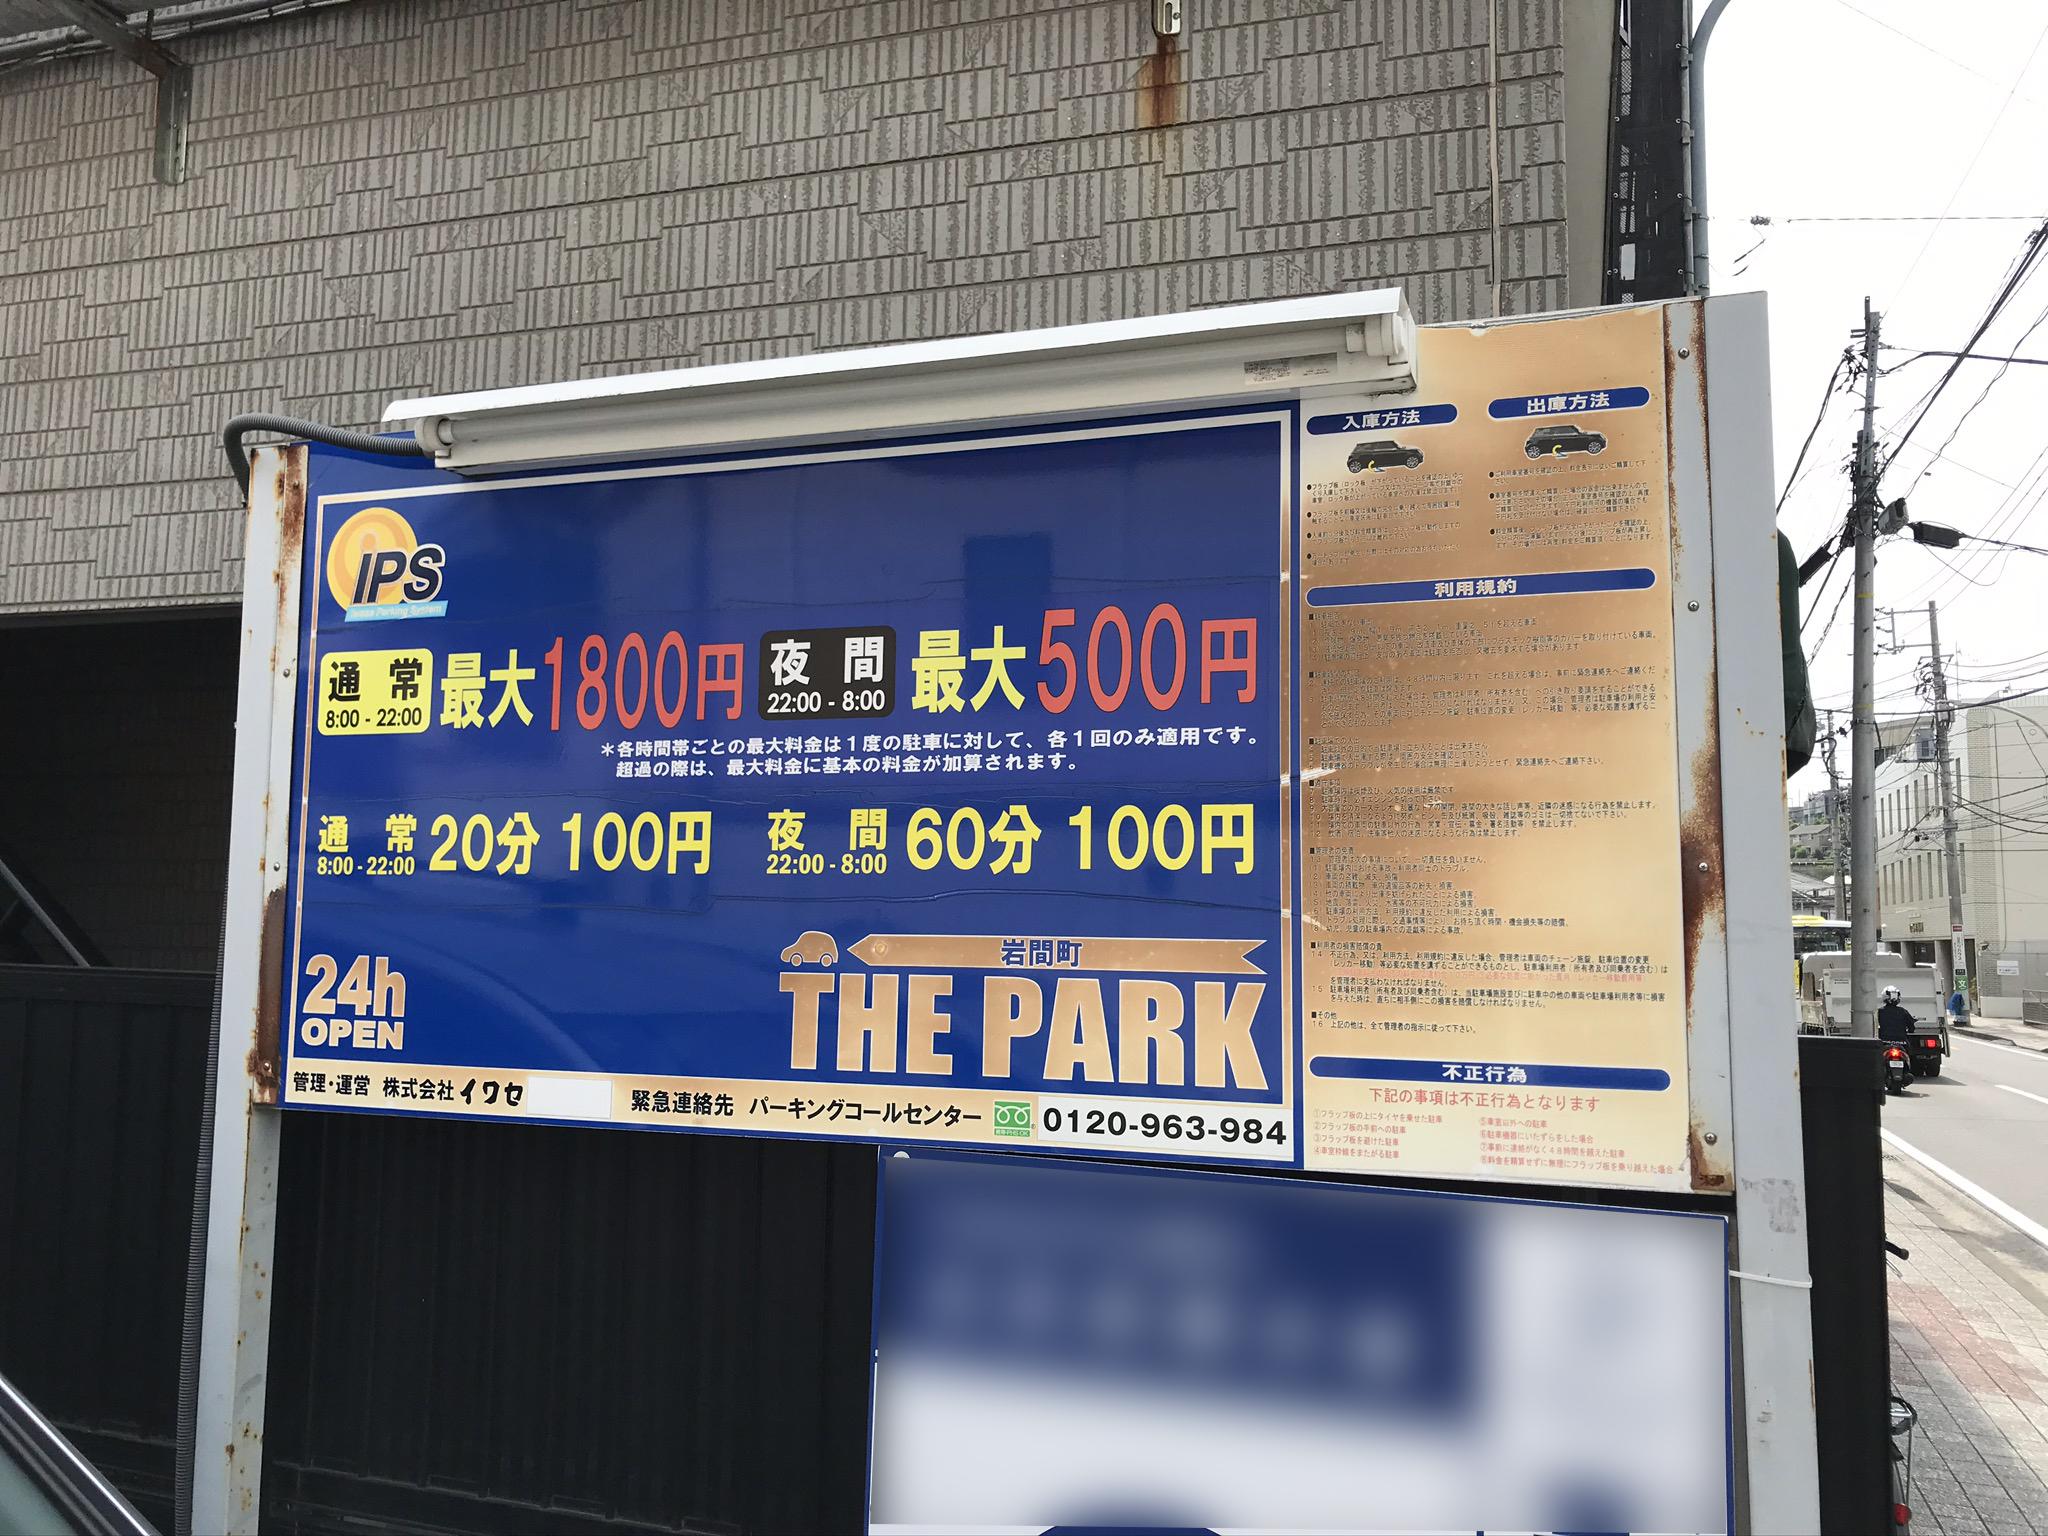 THE PARK 岩間町